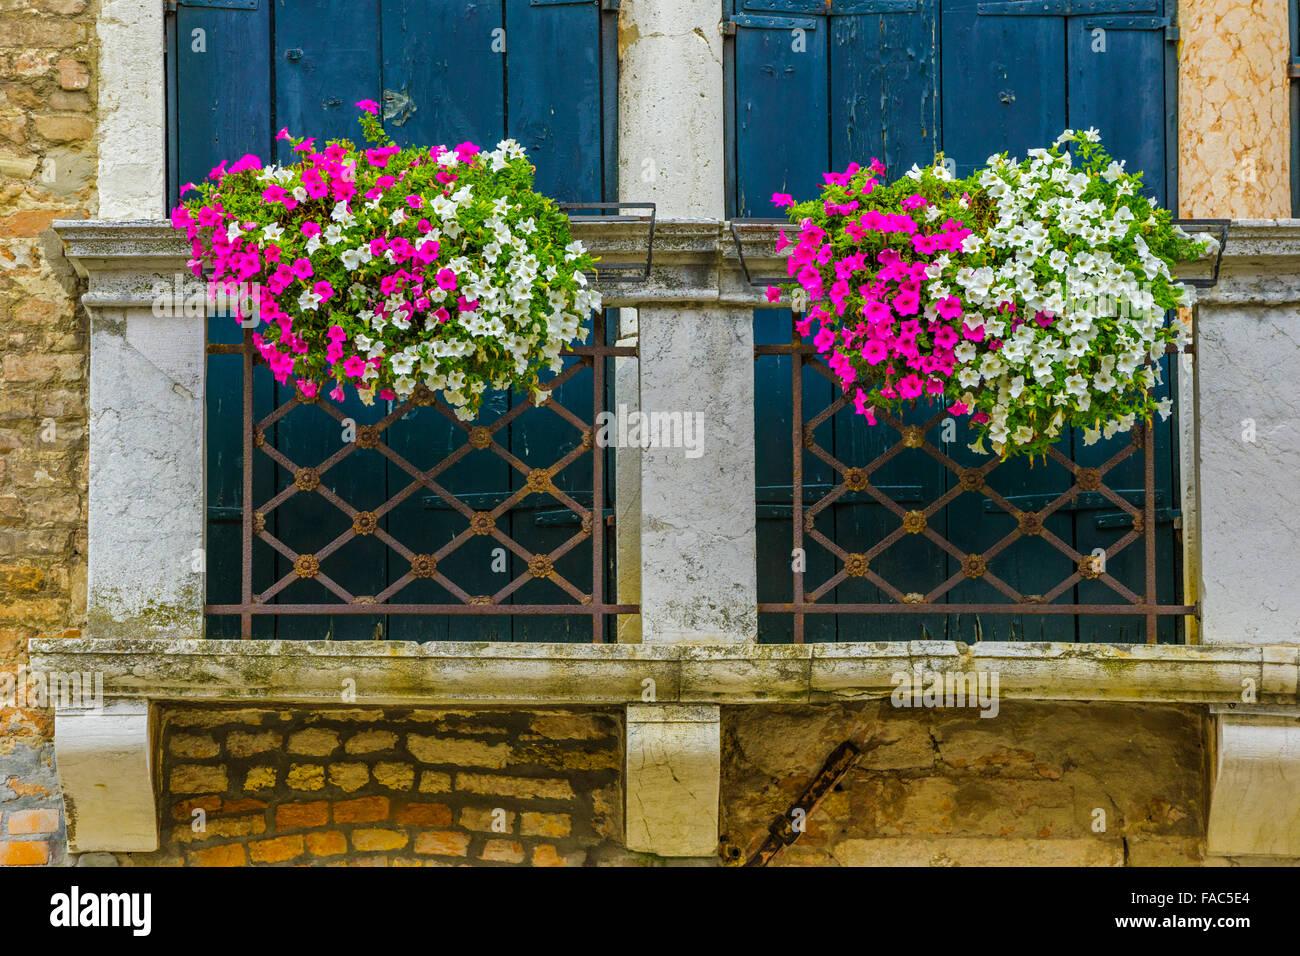 Fioriere Per Persiane ~ Persiane alle finestre e balcone con fioriera venezia foto